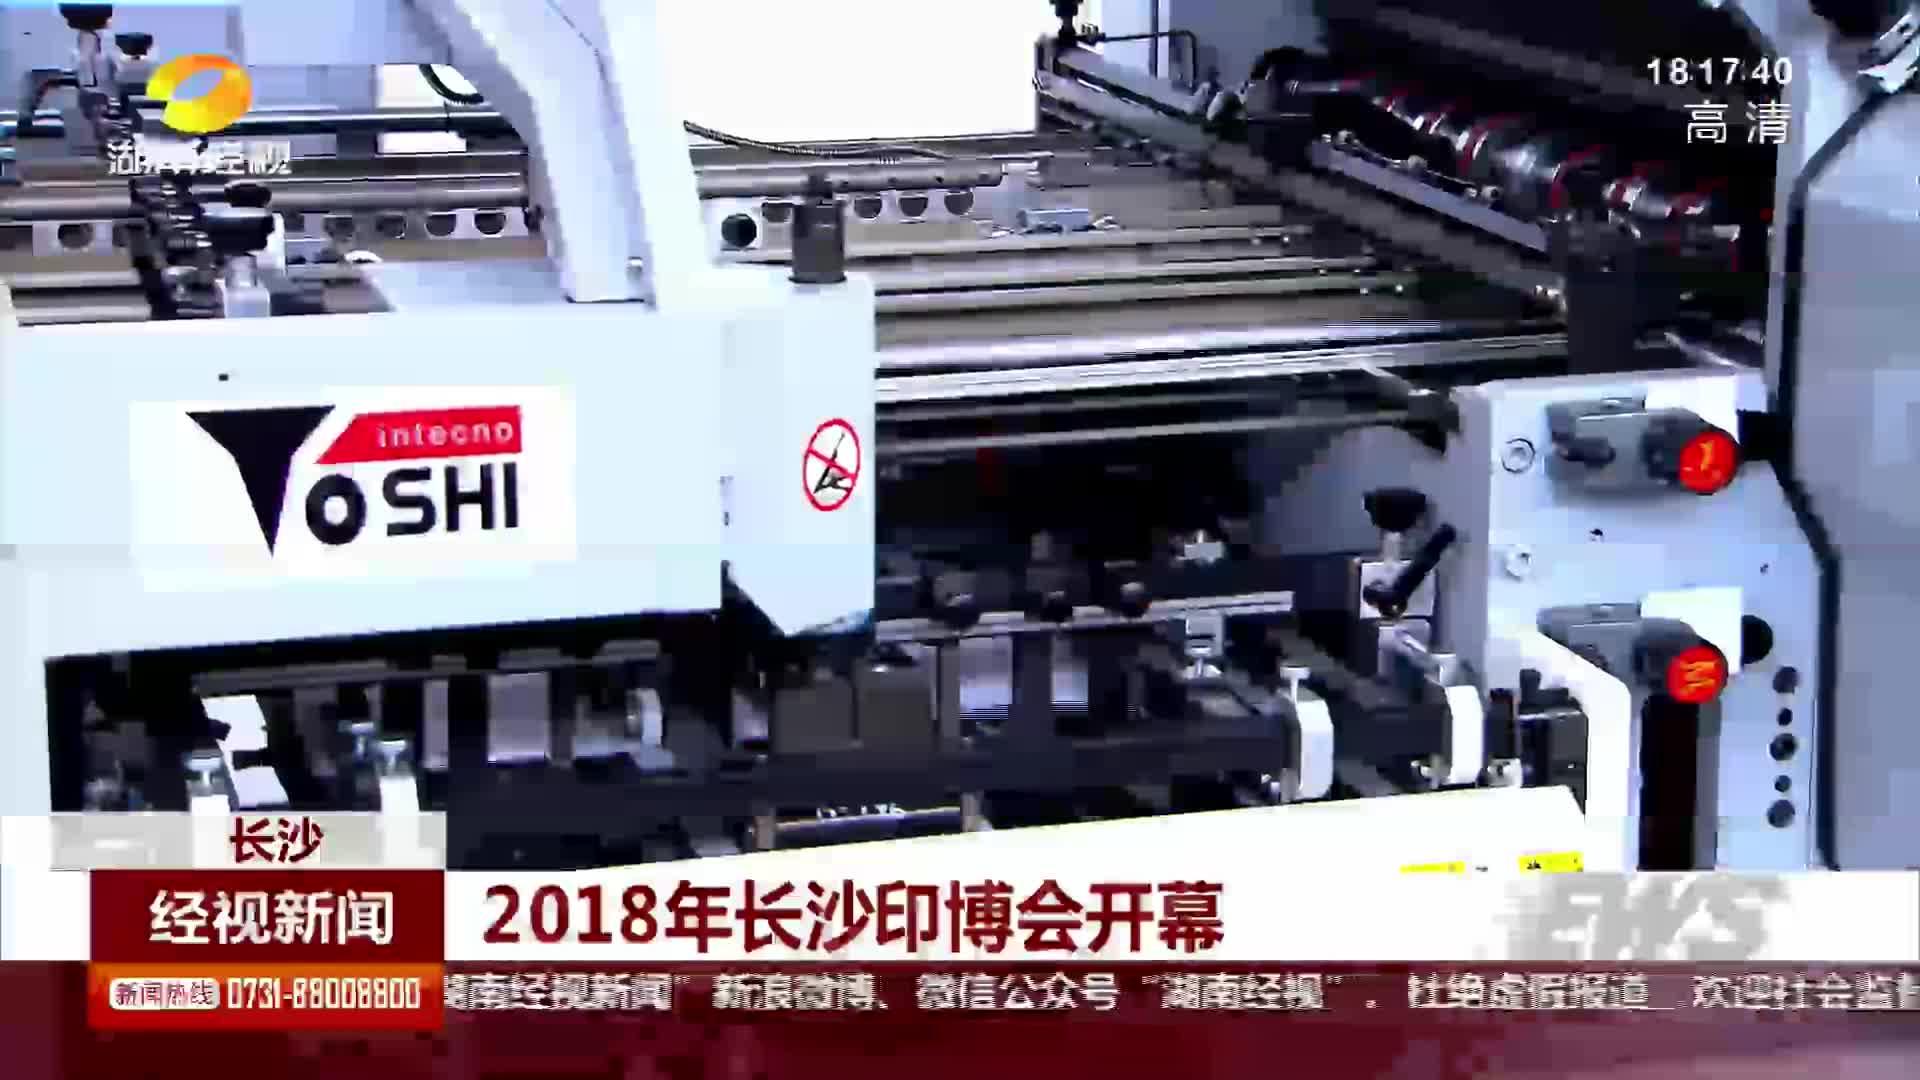 2018长沙印博会开幕